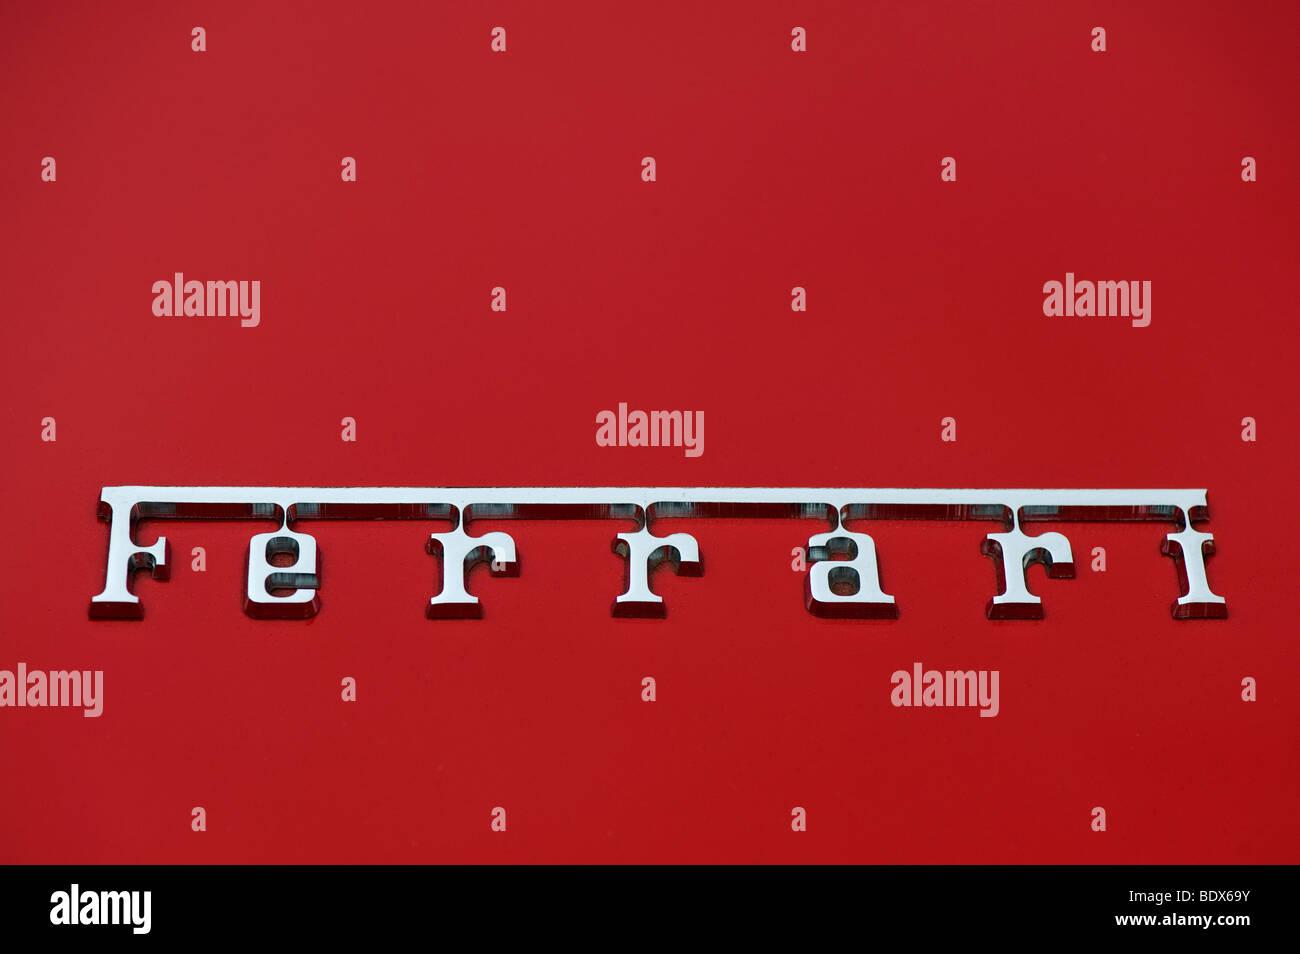 Ferrari Namensschild Stockfotografie Alamy